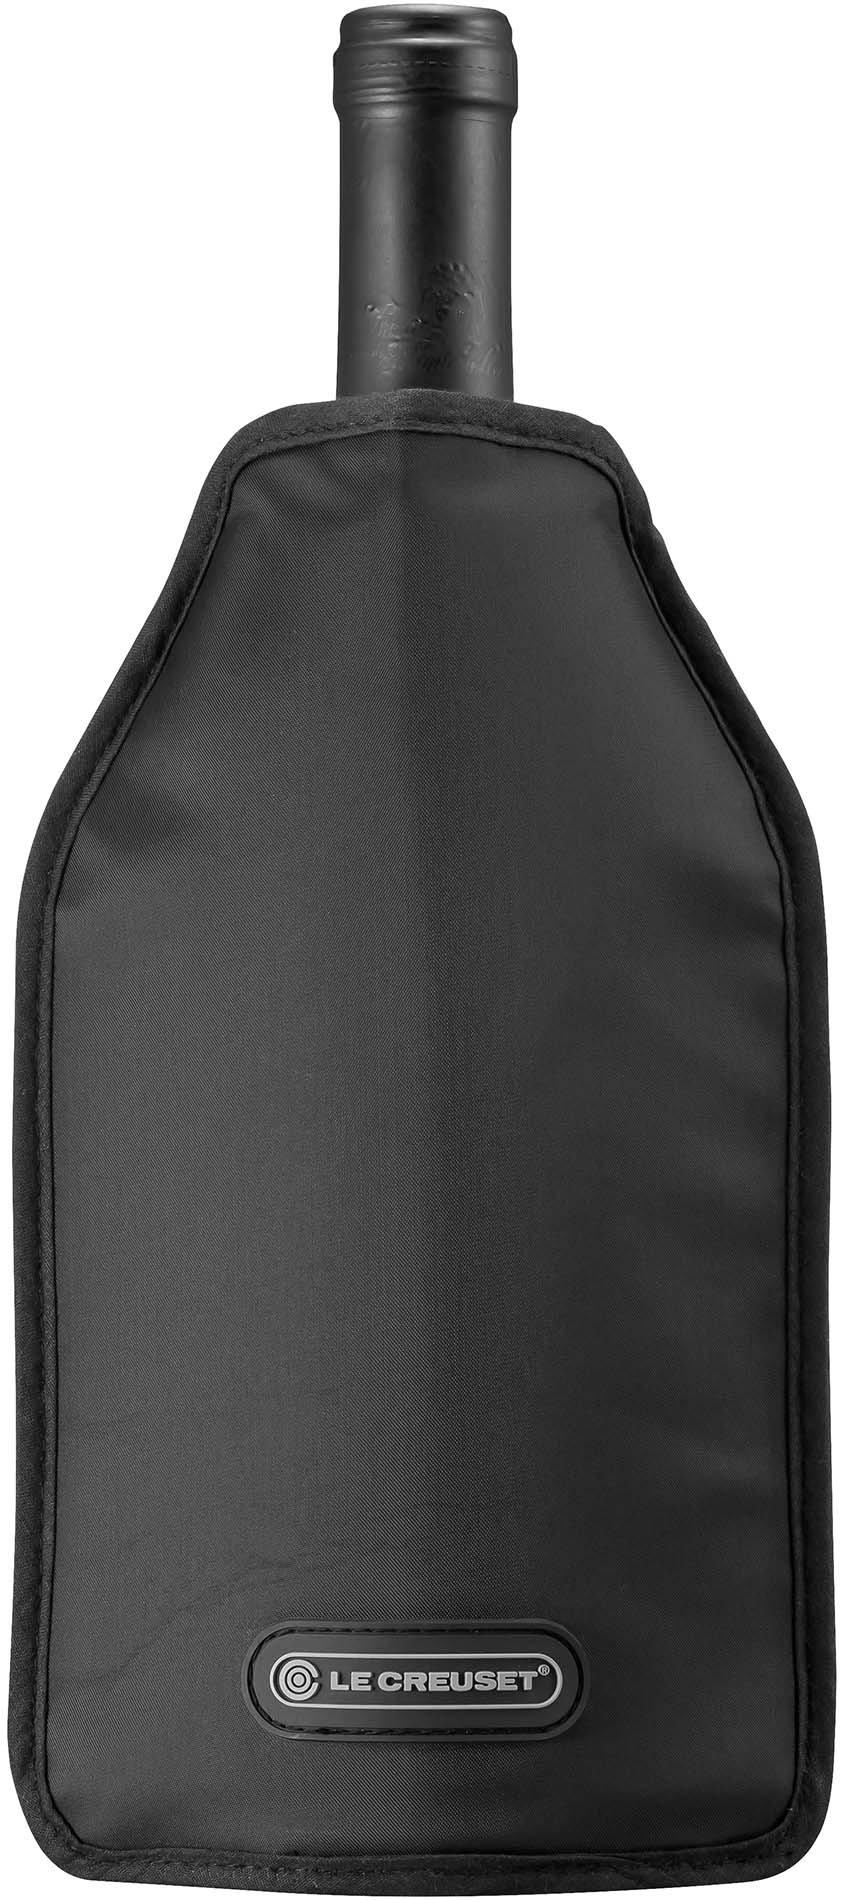 Le Creuset WA126L-31 Wine Cooler Sleeve, Black by Le Creuset